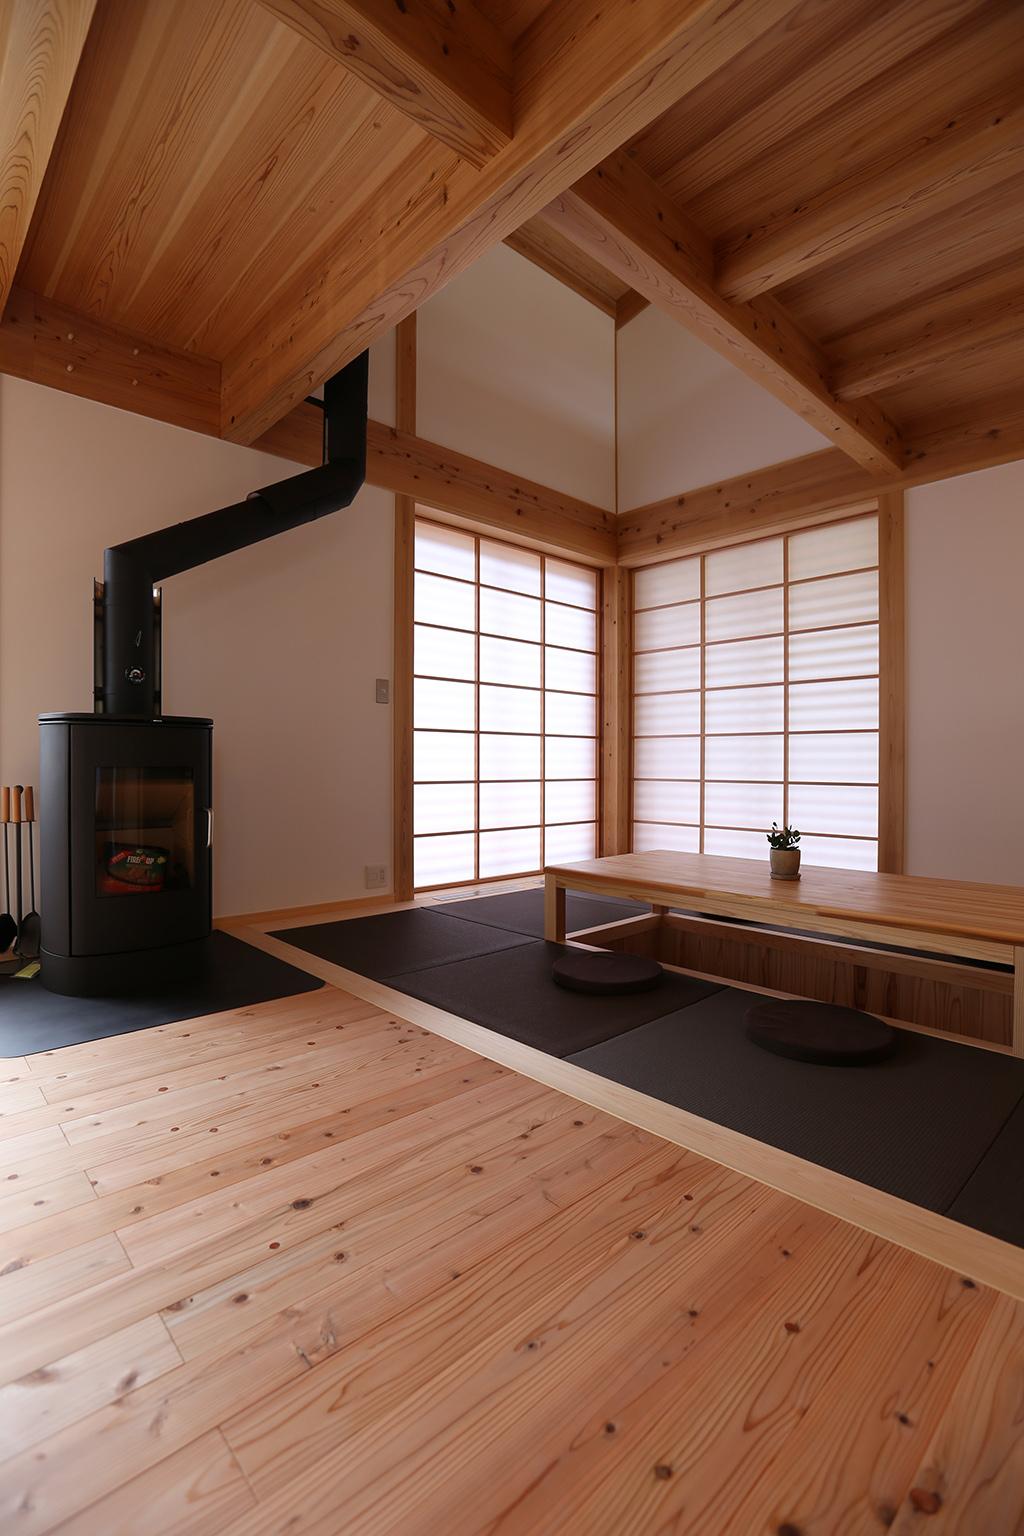 赤穂郡の木の家 堀りこたつのある畳リビング